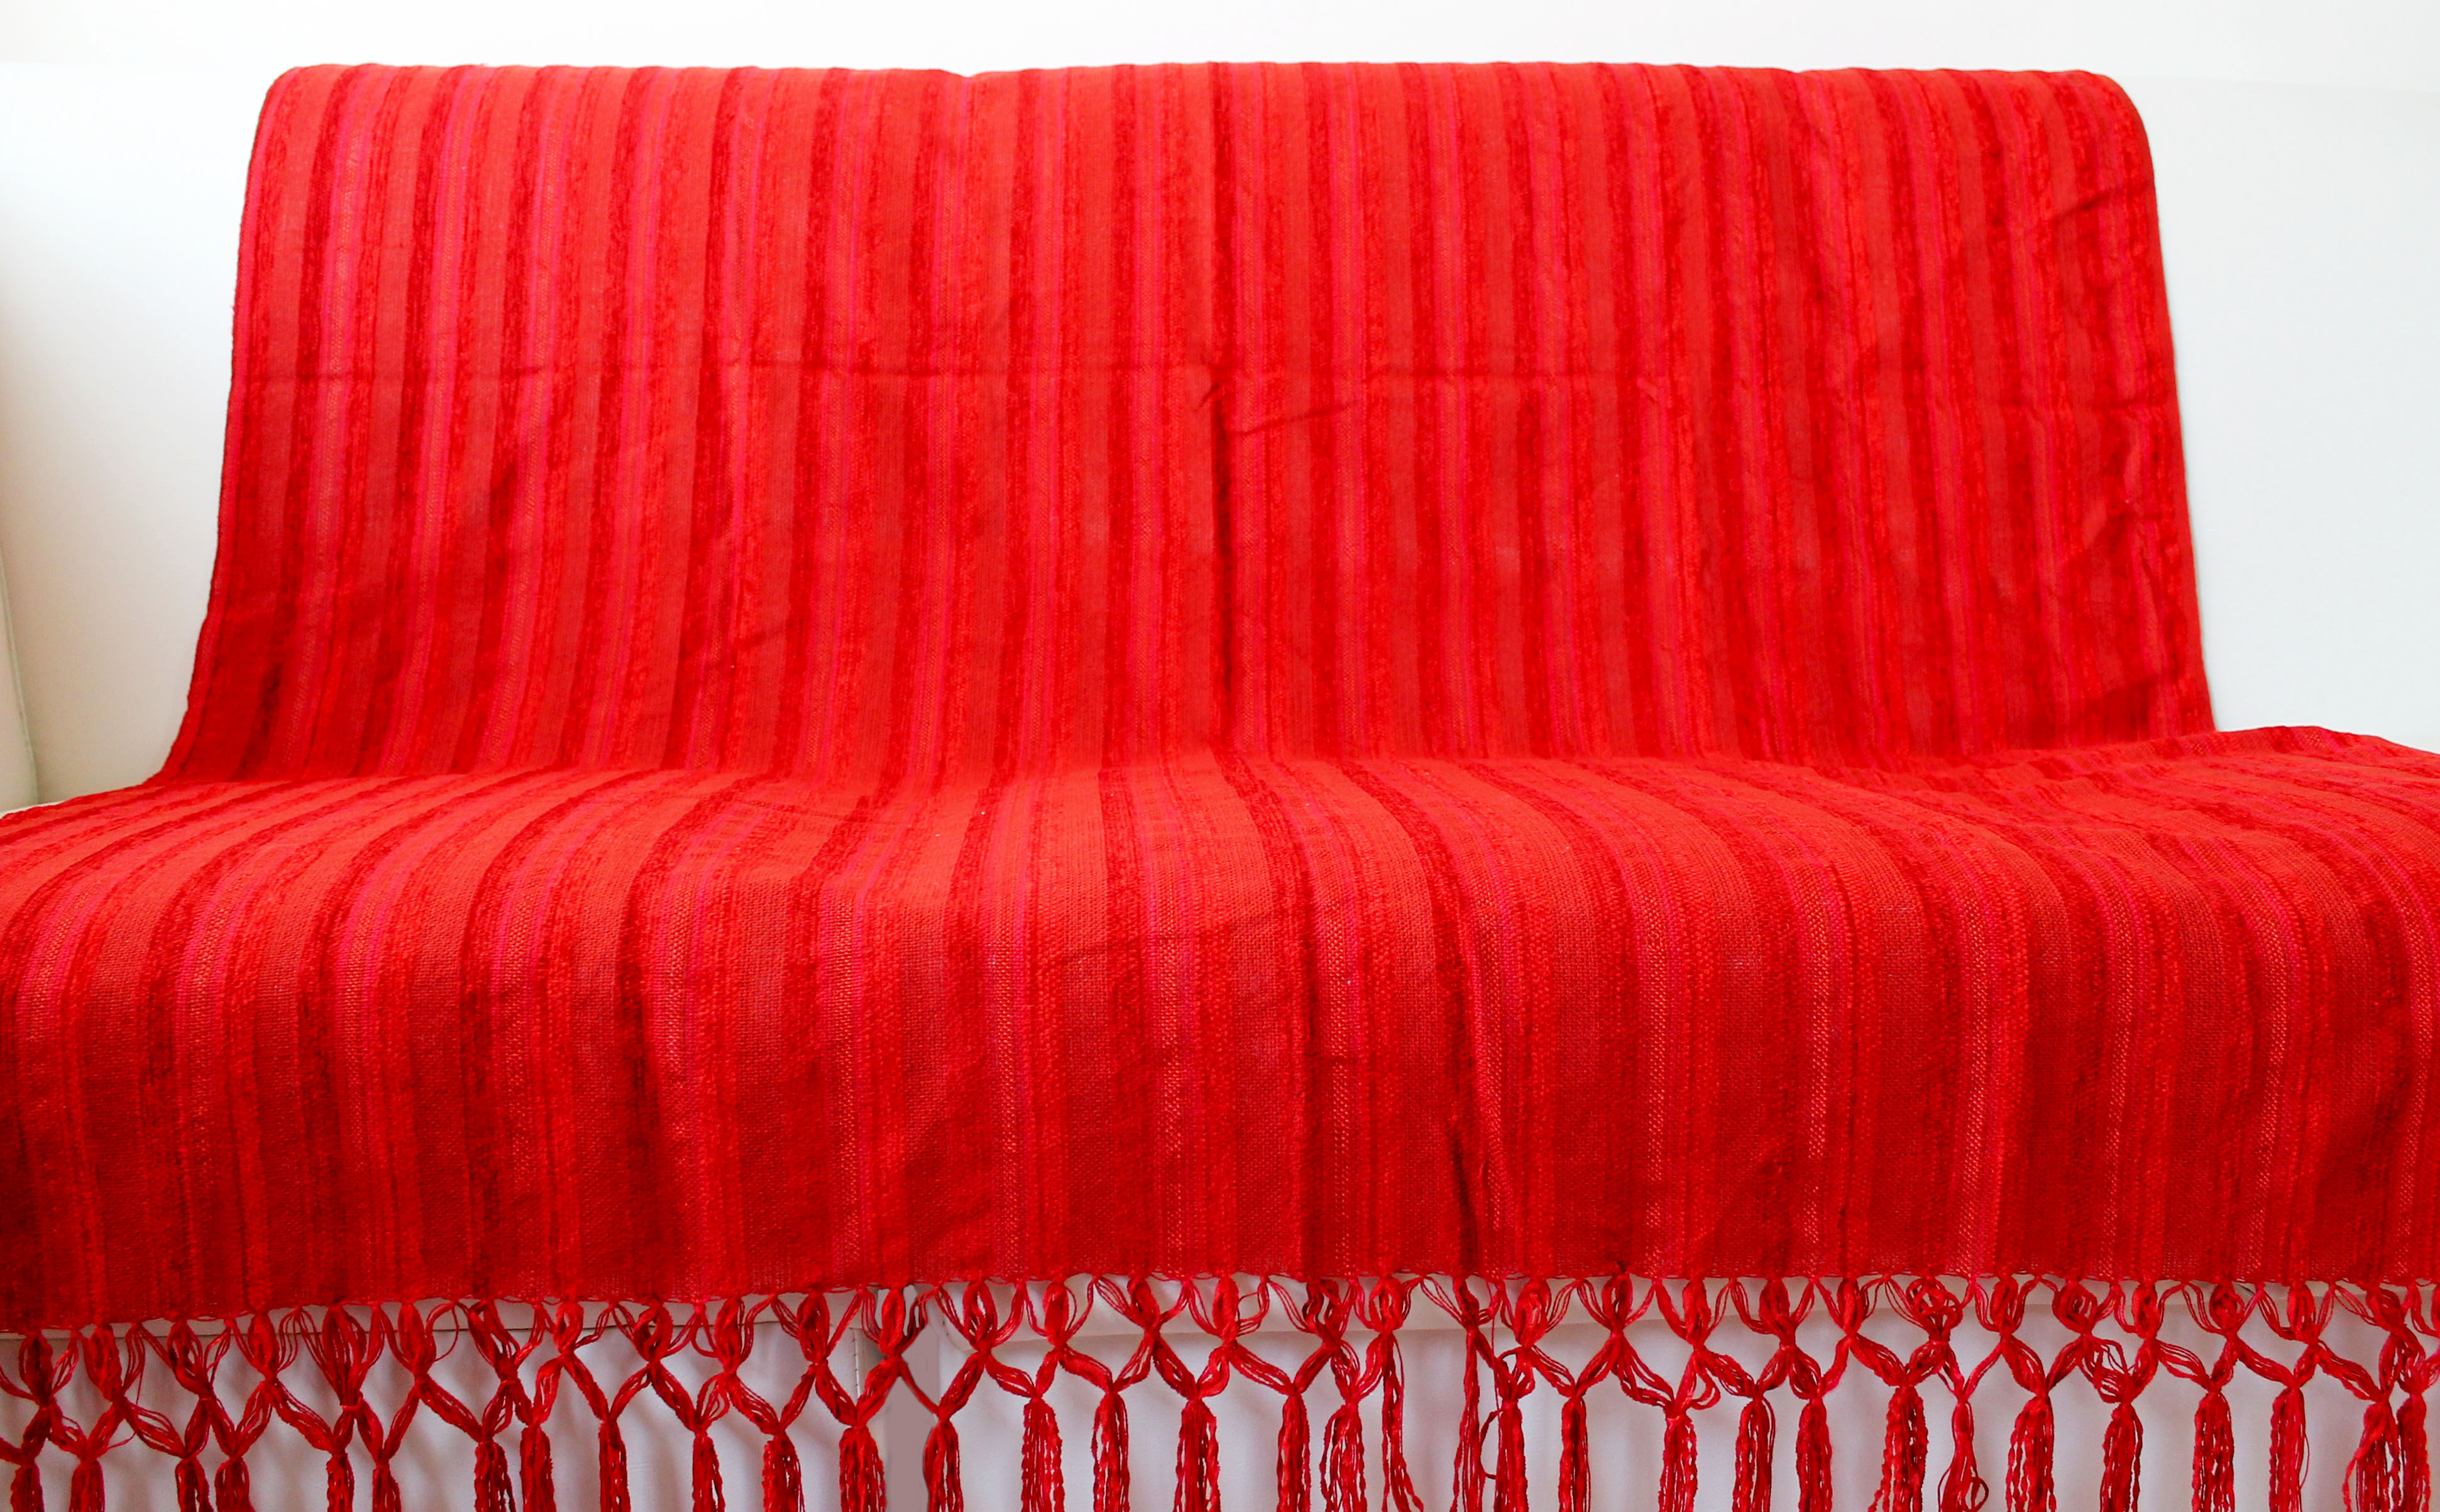 Manta para sof gregoriana vermelha artesanato teares de for Mantas para sofas